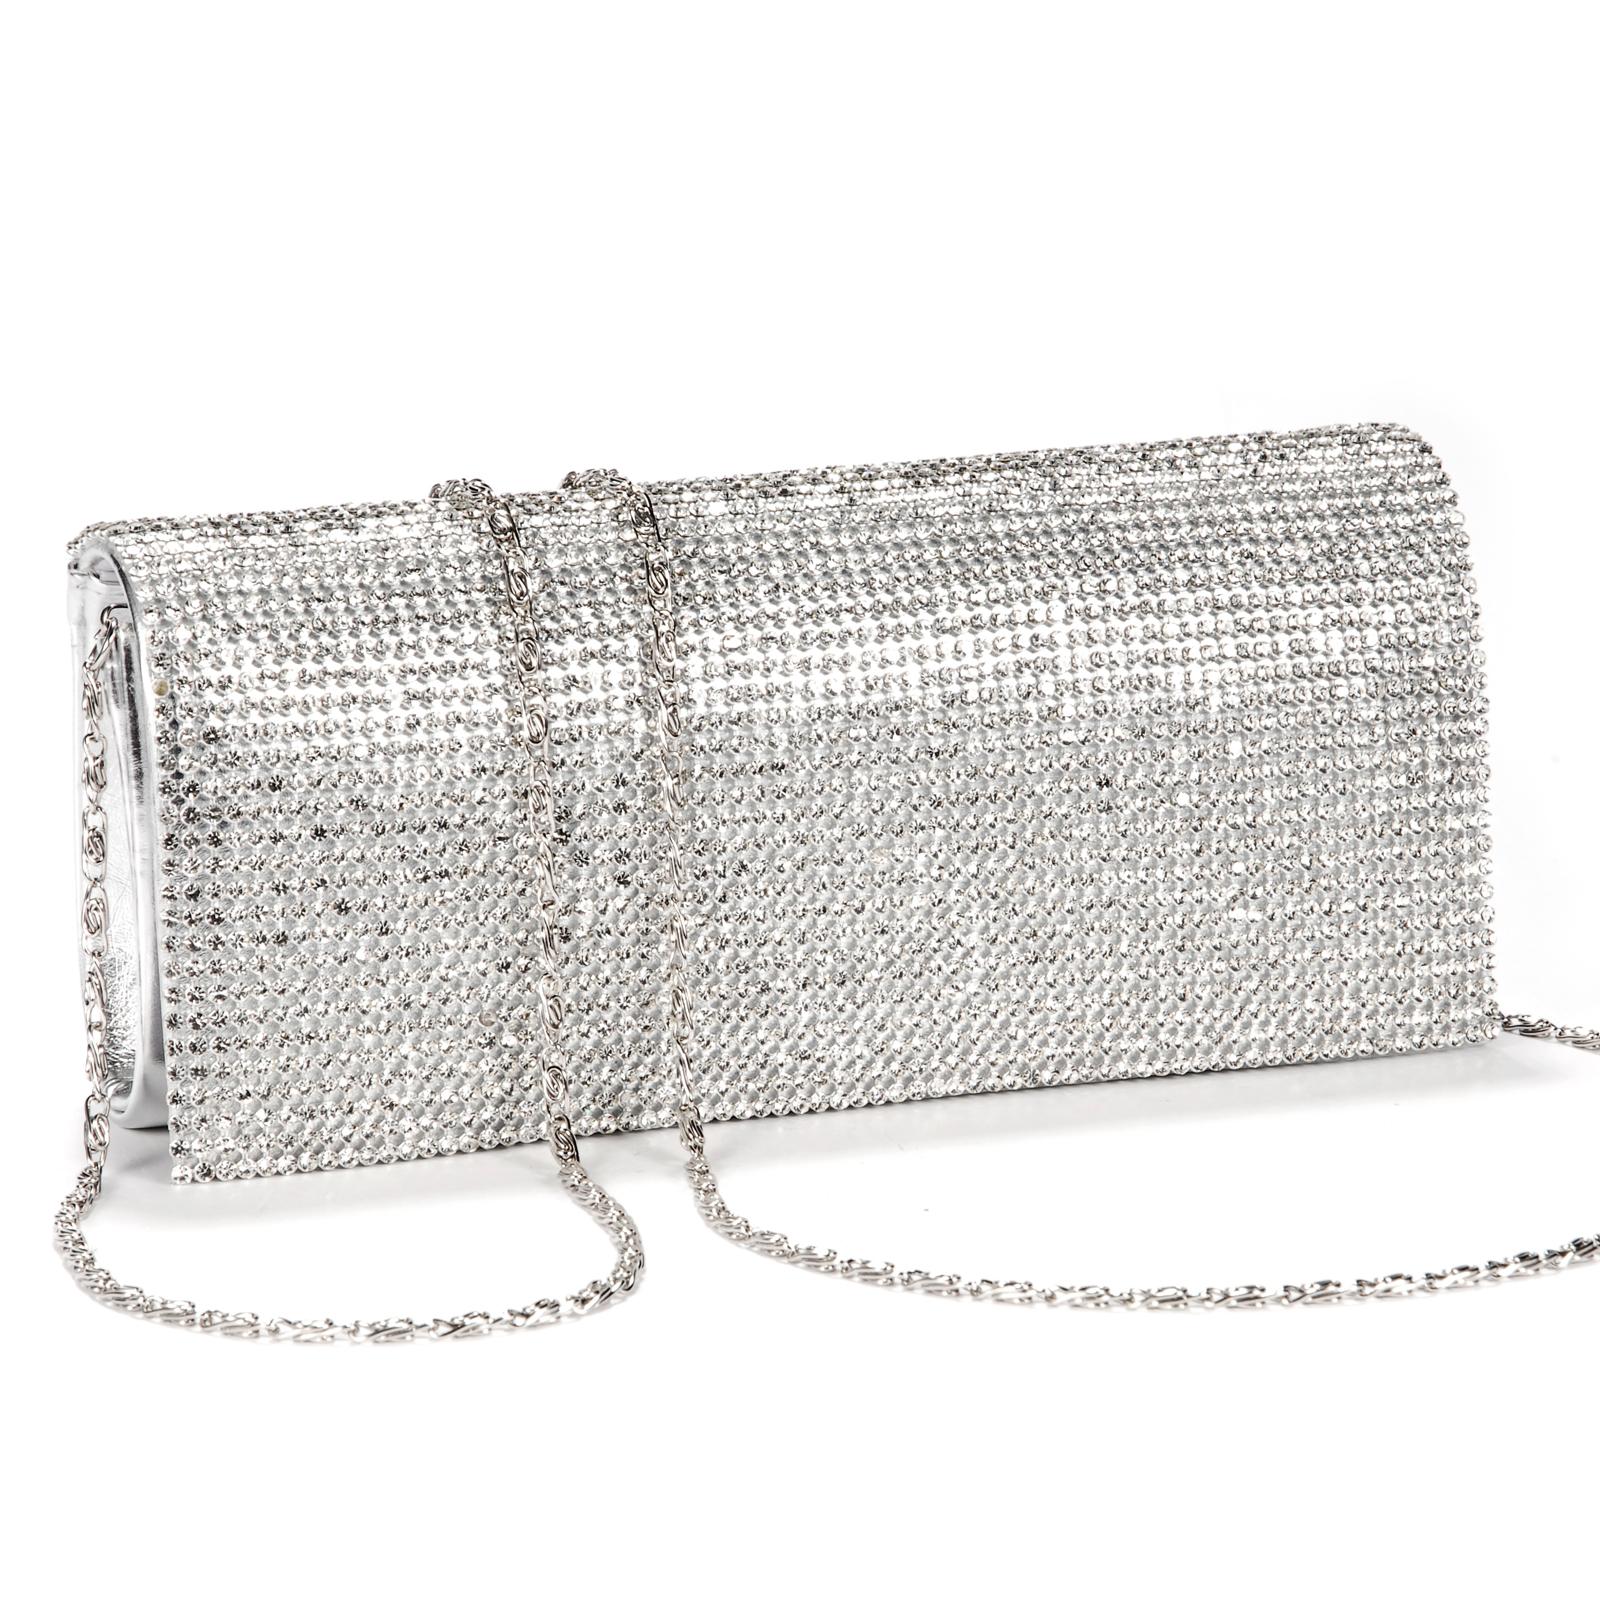 Shimmering Diamante Crystal Evening Clutch Purse Wedding Prom Women Bag Silver   EBay